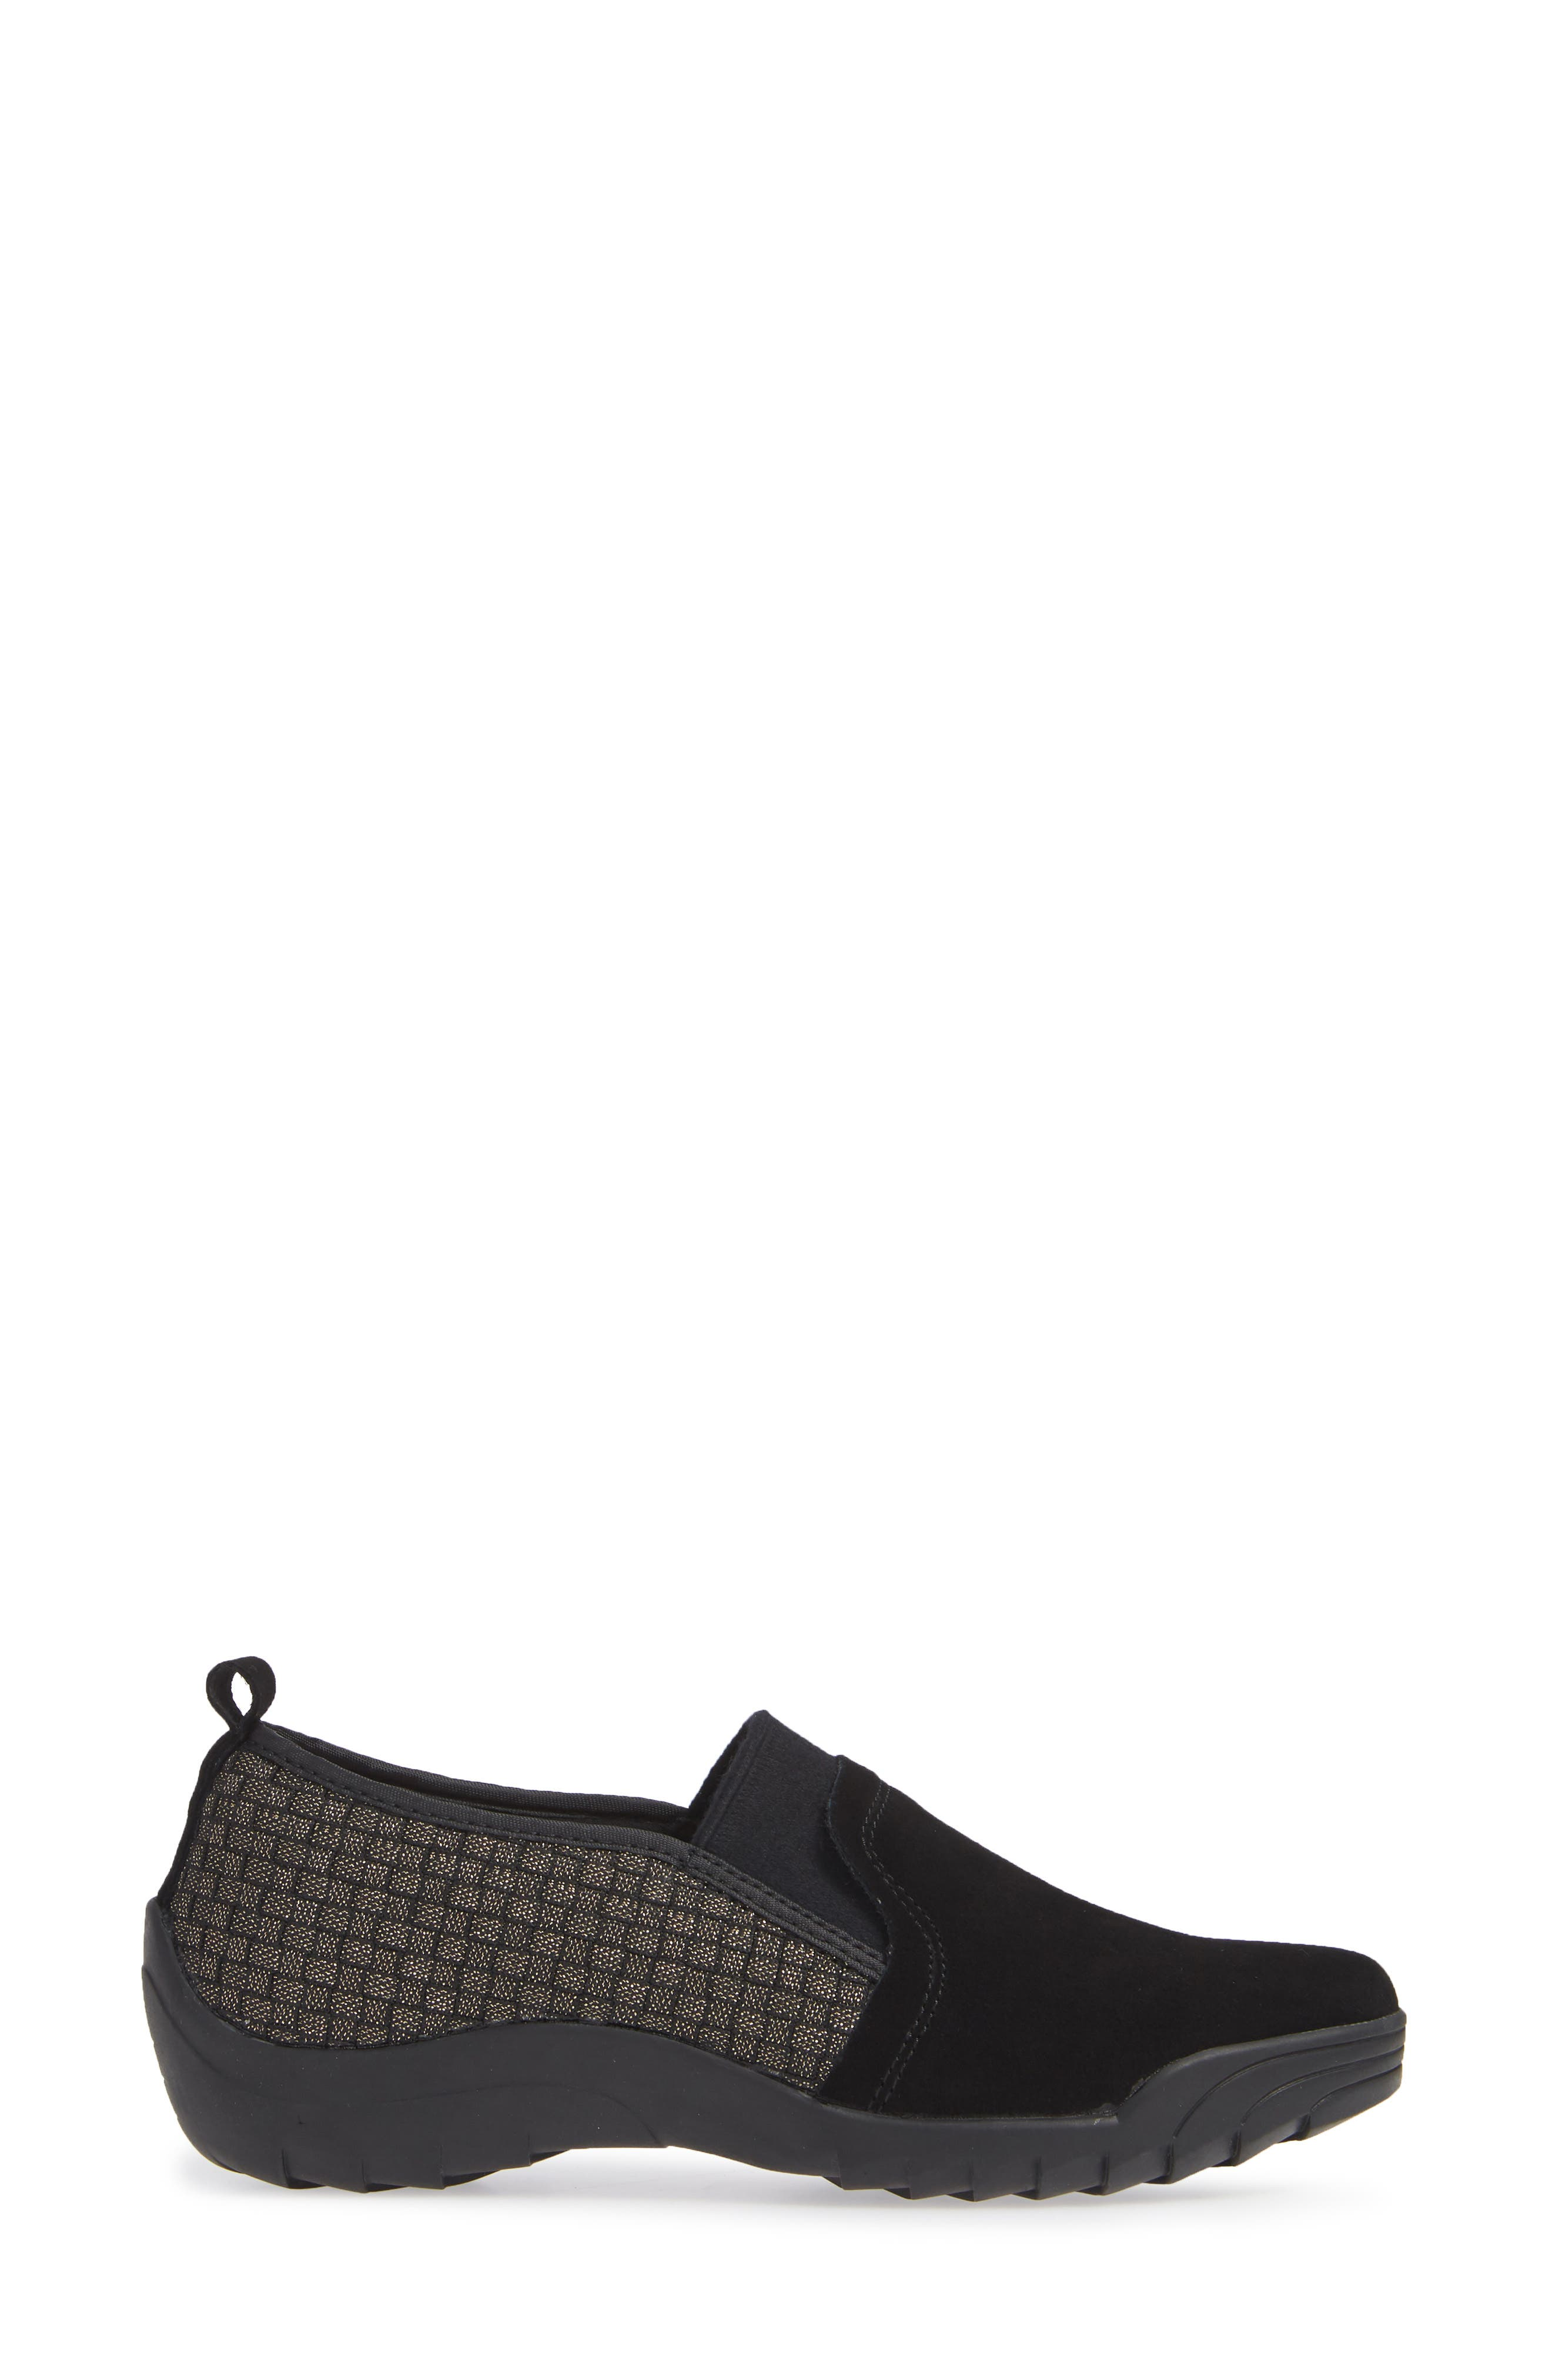 Swift Slip-On Sneaker,                             Alternate thumbnail 5, color,                             Gold Black Shimmer Leather